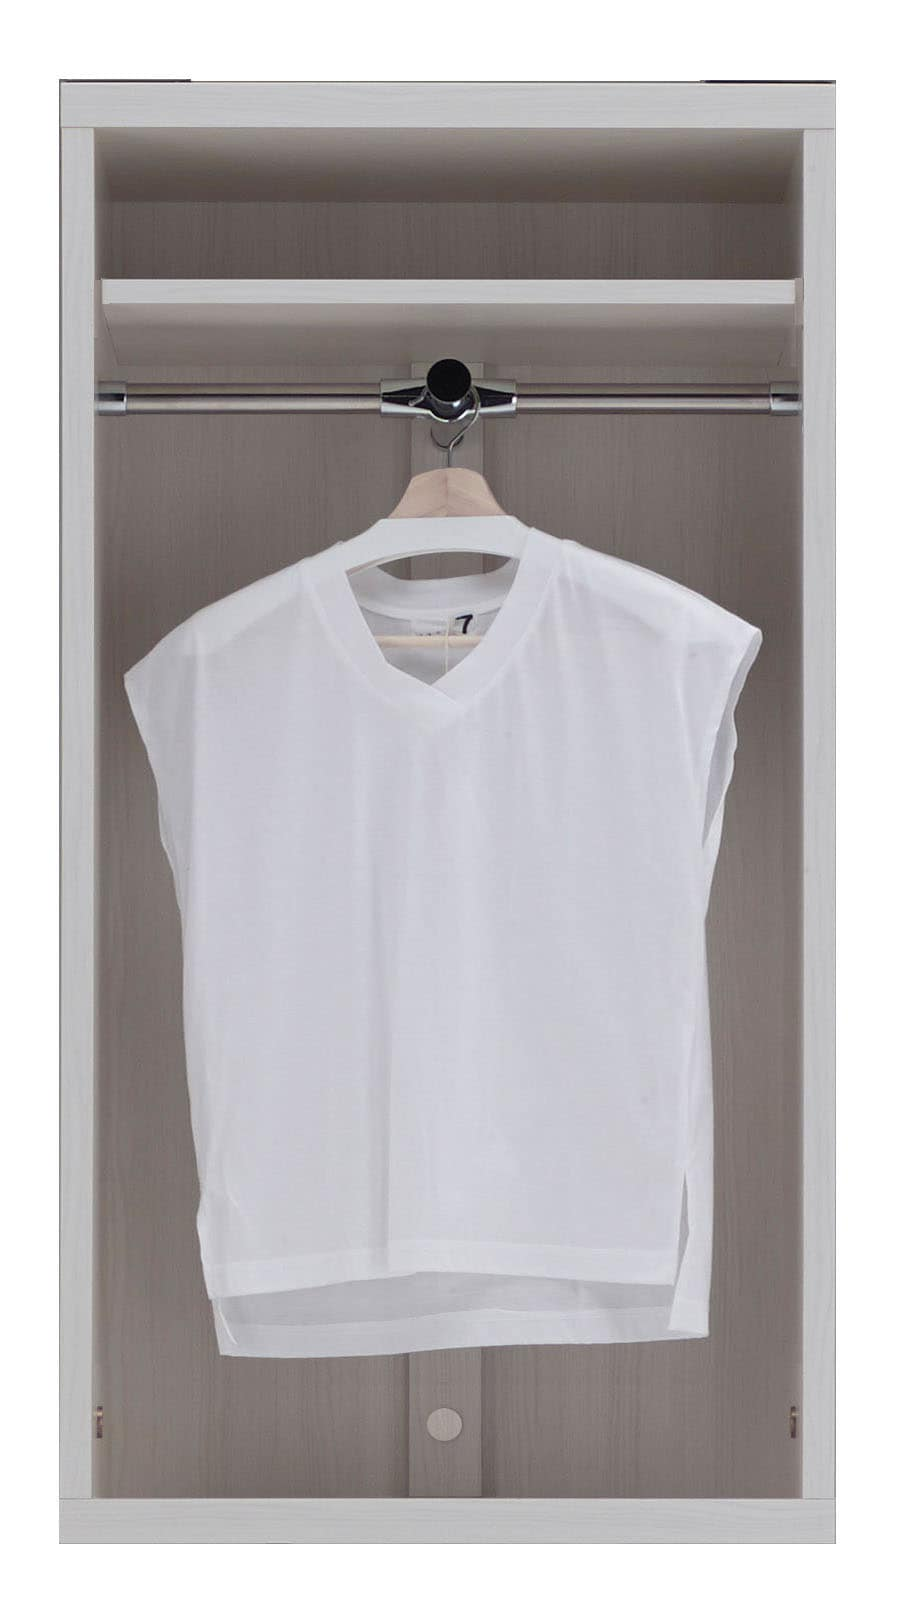 壁面収納 LCS−60 洋服オープンタイプ(WH)ホワイト:壁面収納 LCS−60 洋服オープンタイプ(WH)ホワイト